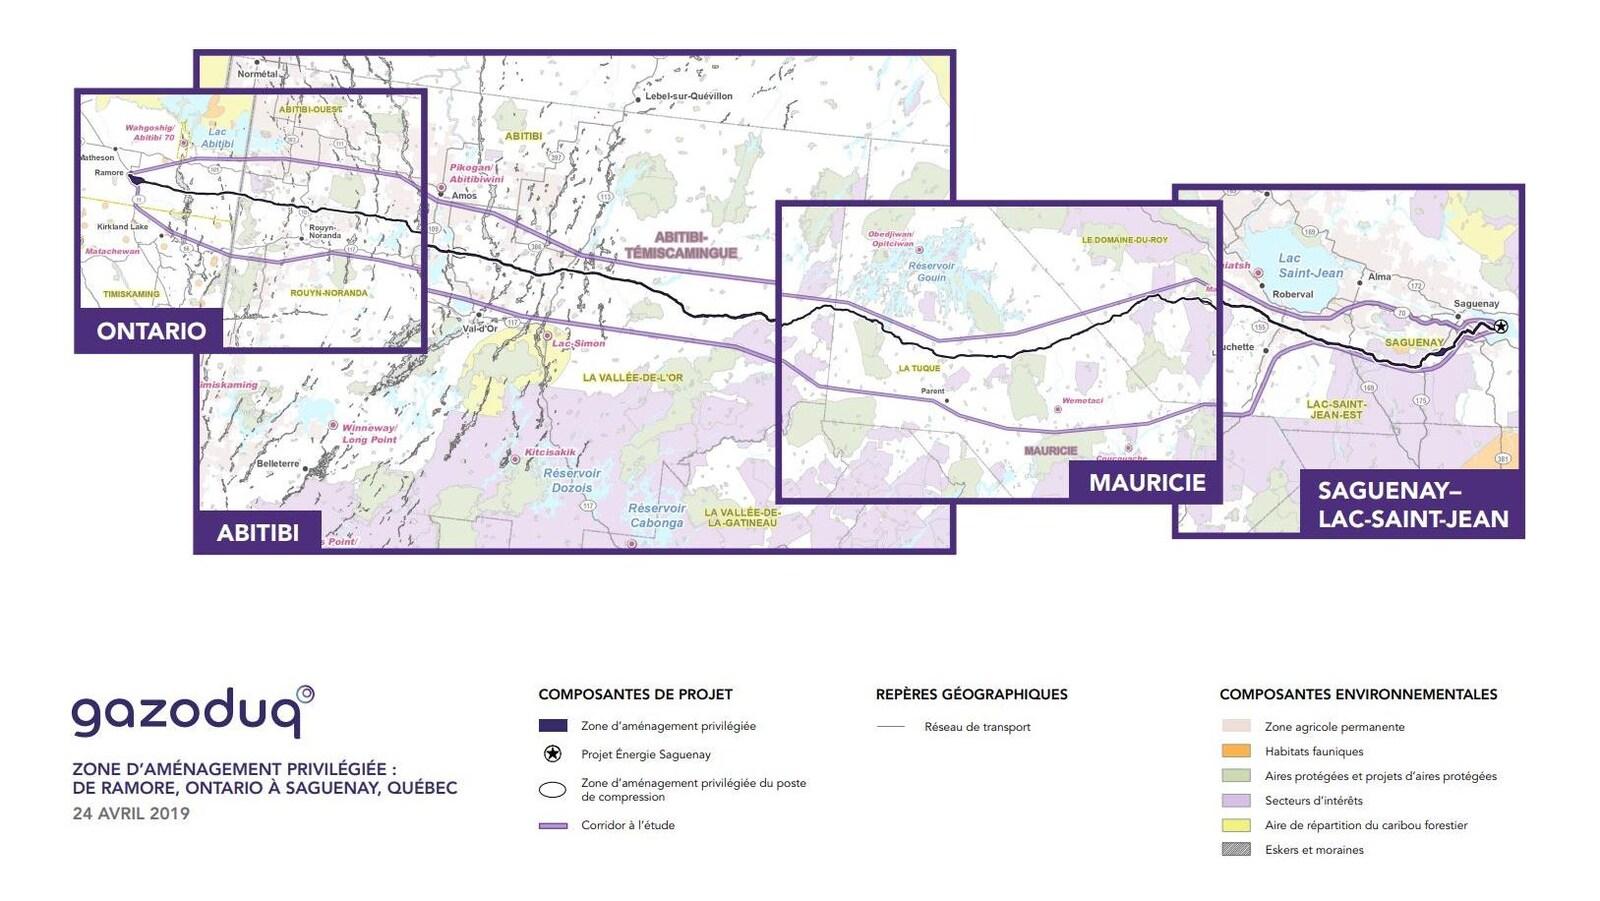 Une carte montre de tracé d'un projet de gazoduc.